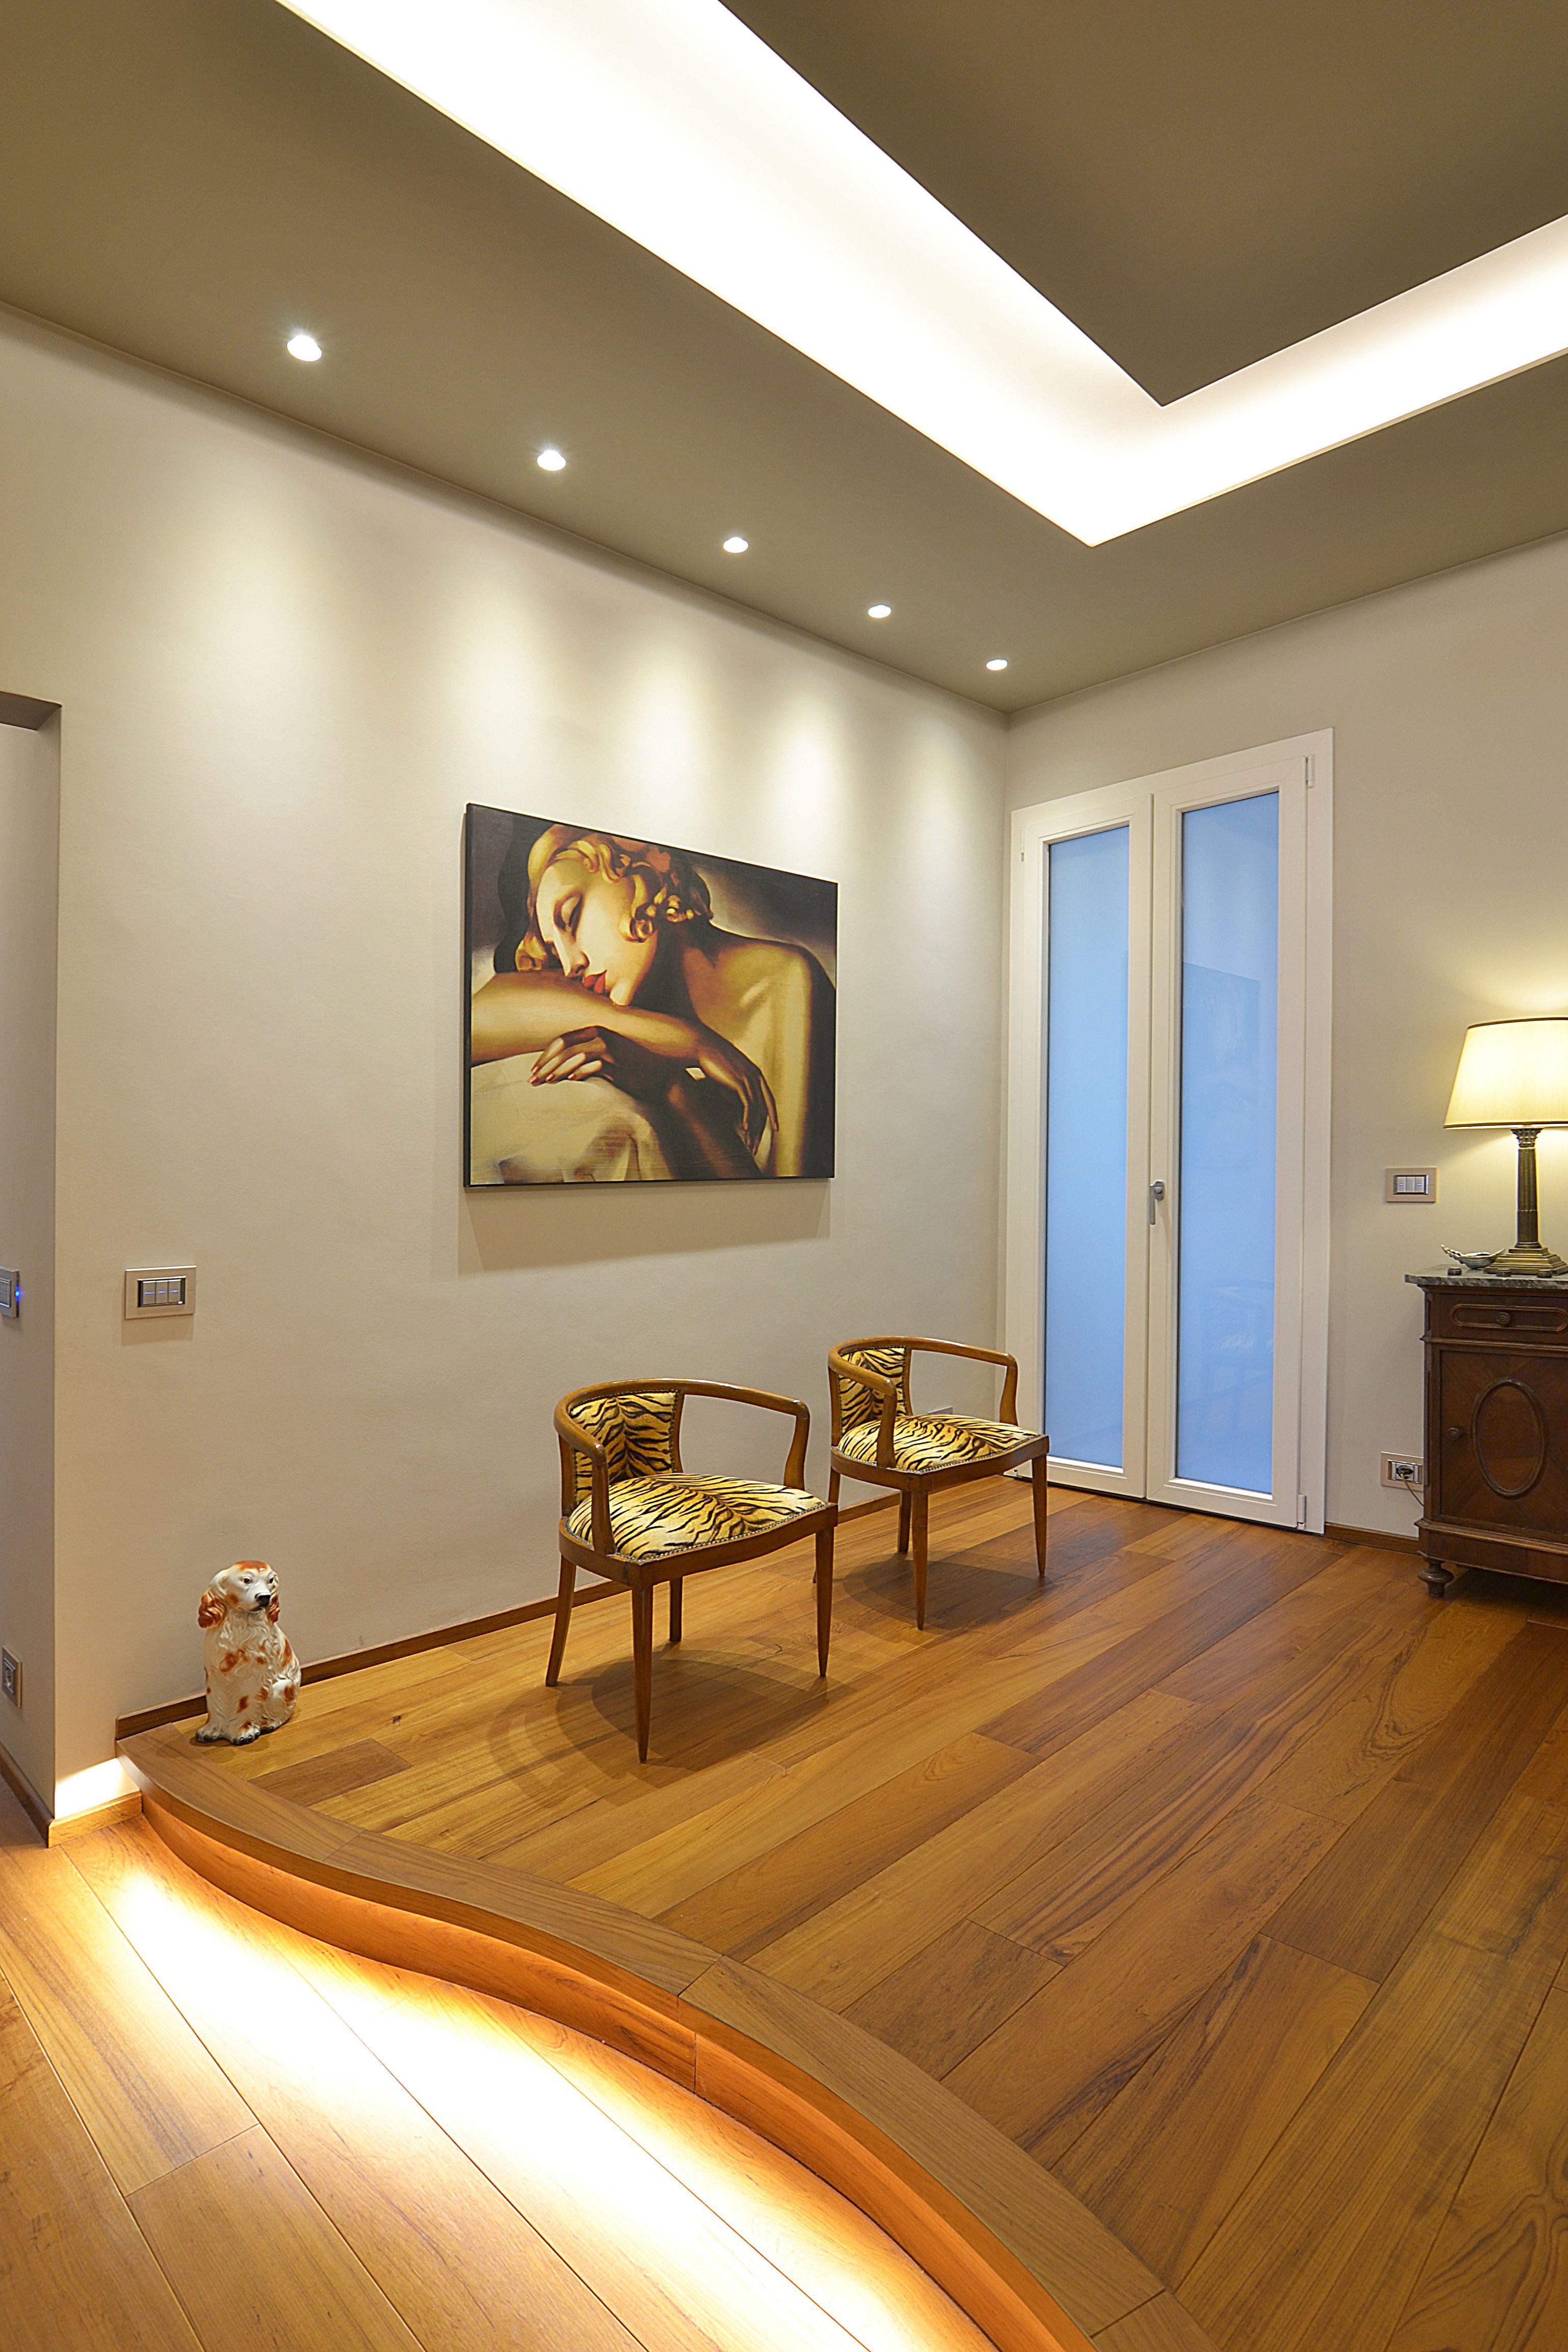 ingresso parquet sedie dipinti quadri controsoffitto